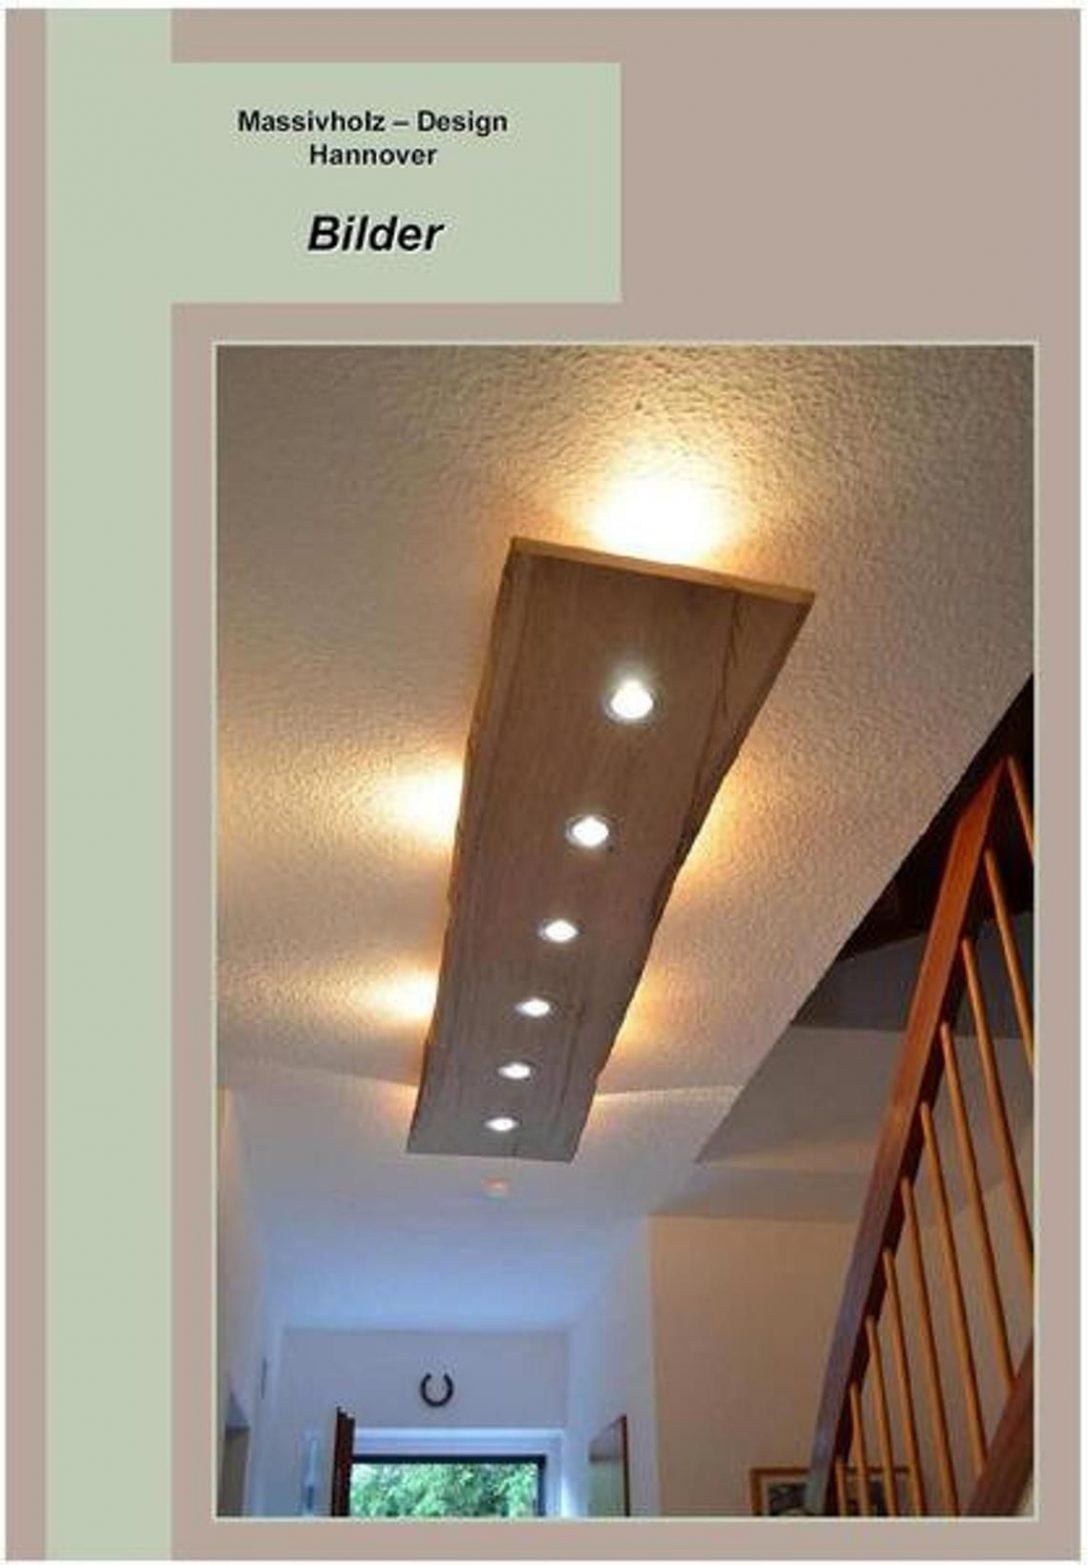 Large Size of Holzlampe Decke Massiv Holz Design Decken Lampe Led In 2020 Lampen Wohnzimmer Deckenlampe Deckenleuchte Bad Schlafzimmer Deckenlampen Für Deckenstrahler Wohnzimmer Holzlampe Decke